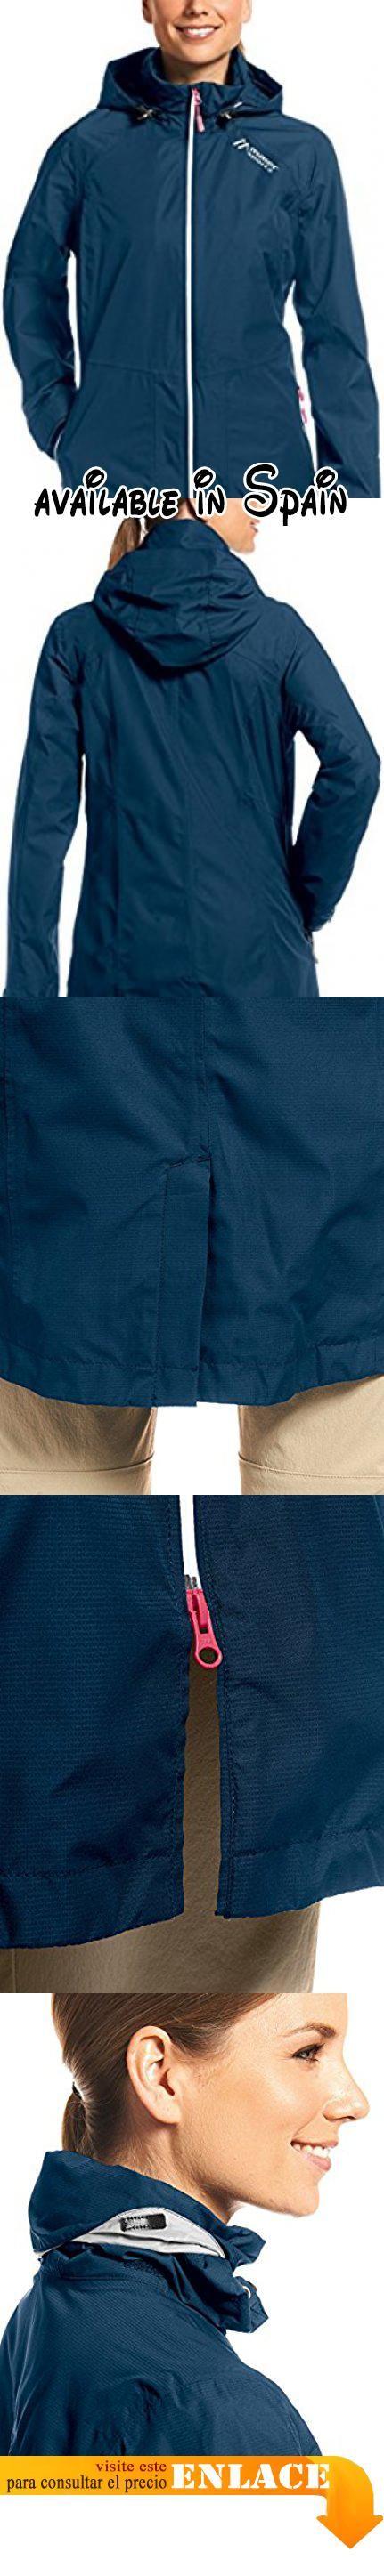 B06XFZRX77 : Torsby Coat.